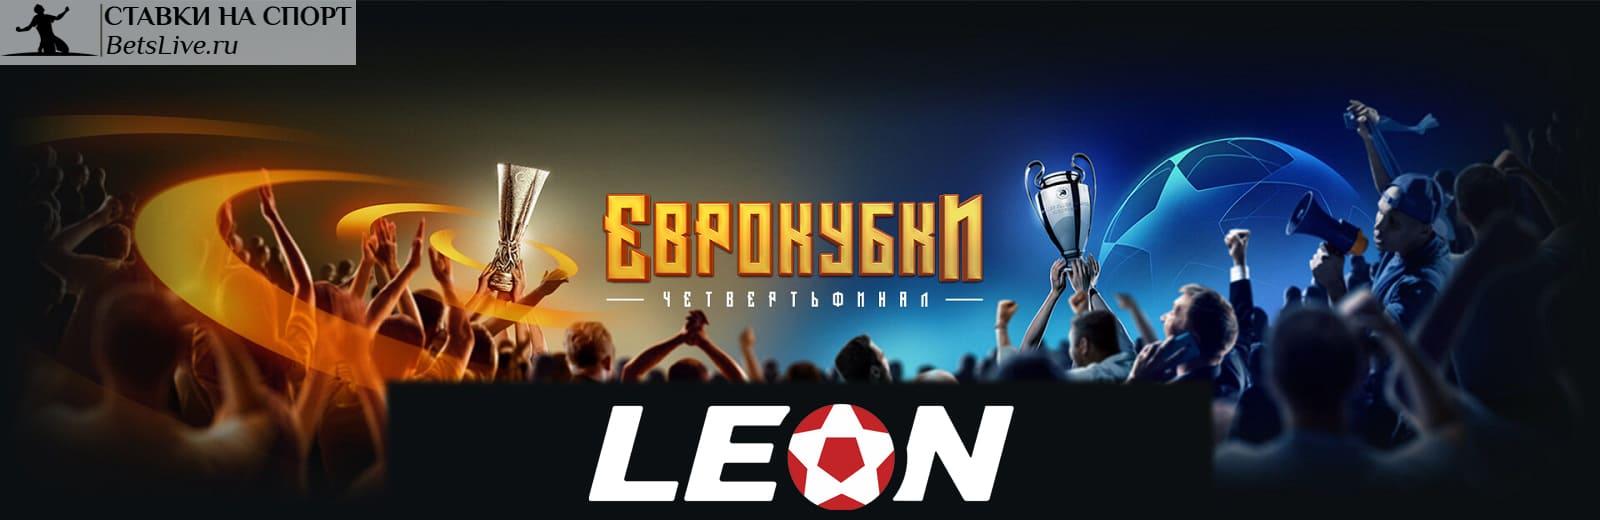 Еврокубки – четвертьфинал акция от БК Leon